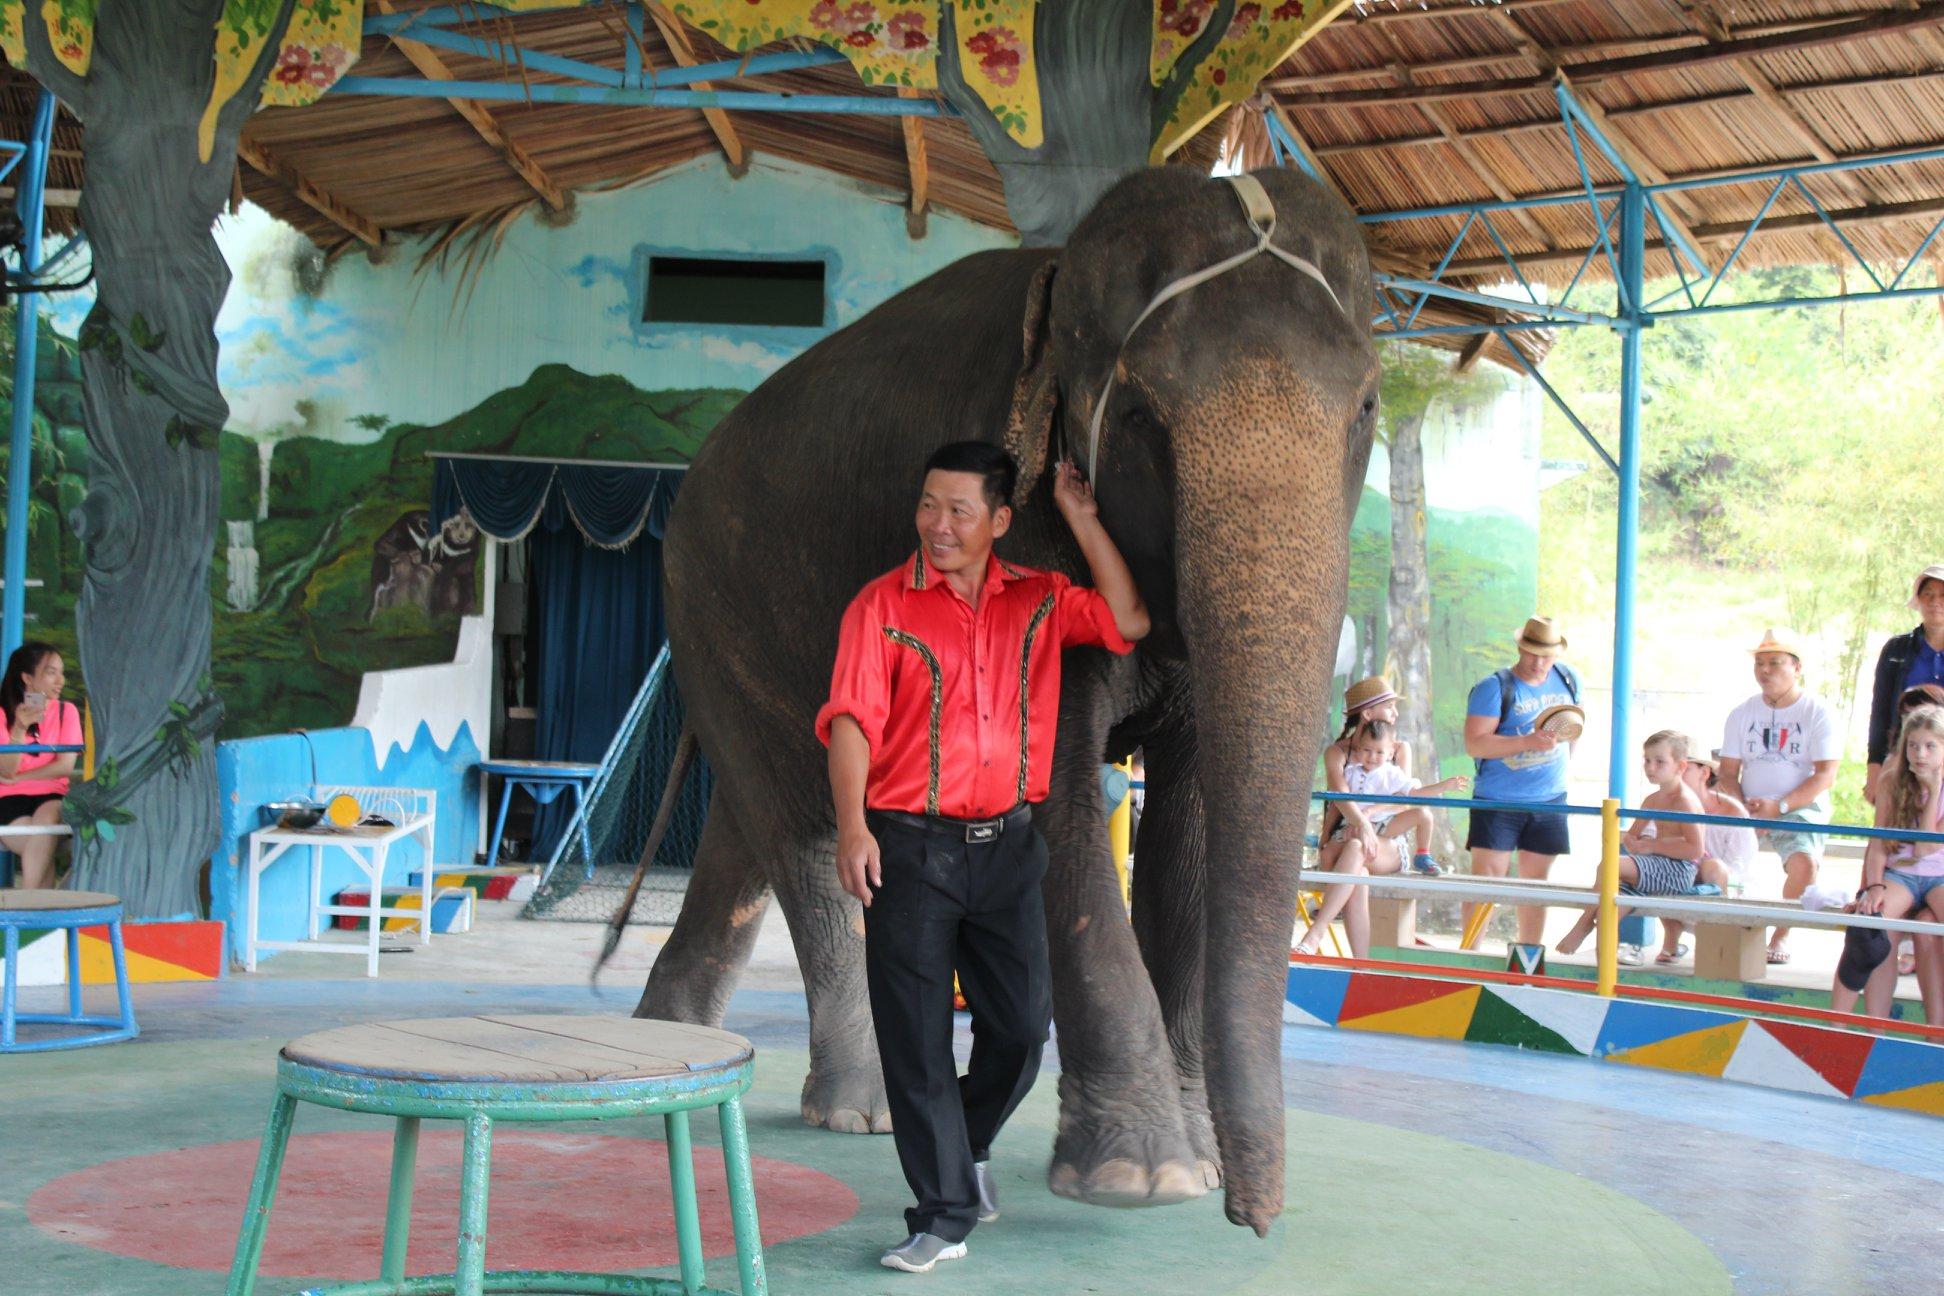 Dân mạng dậy sóng trước câu chuyện con voi bị bóc lột trong gánh xiếc tại Nha Trang 3